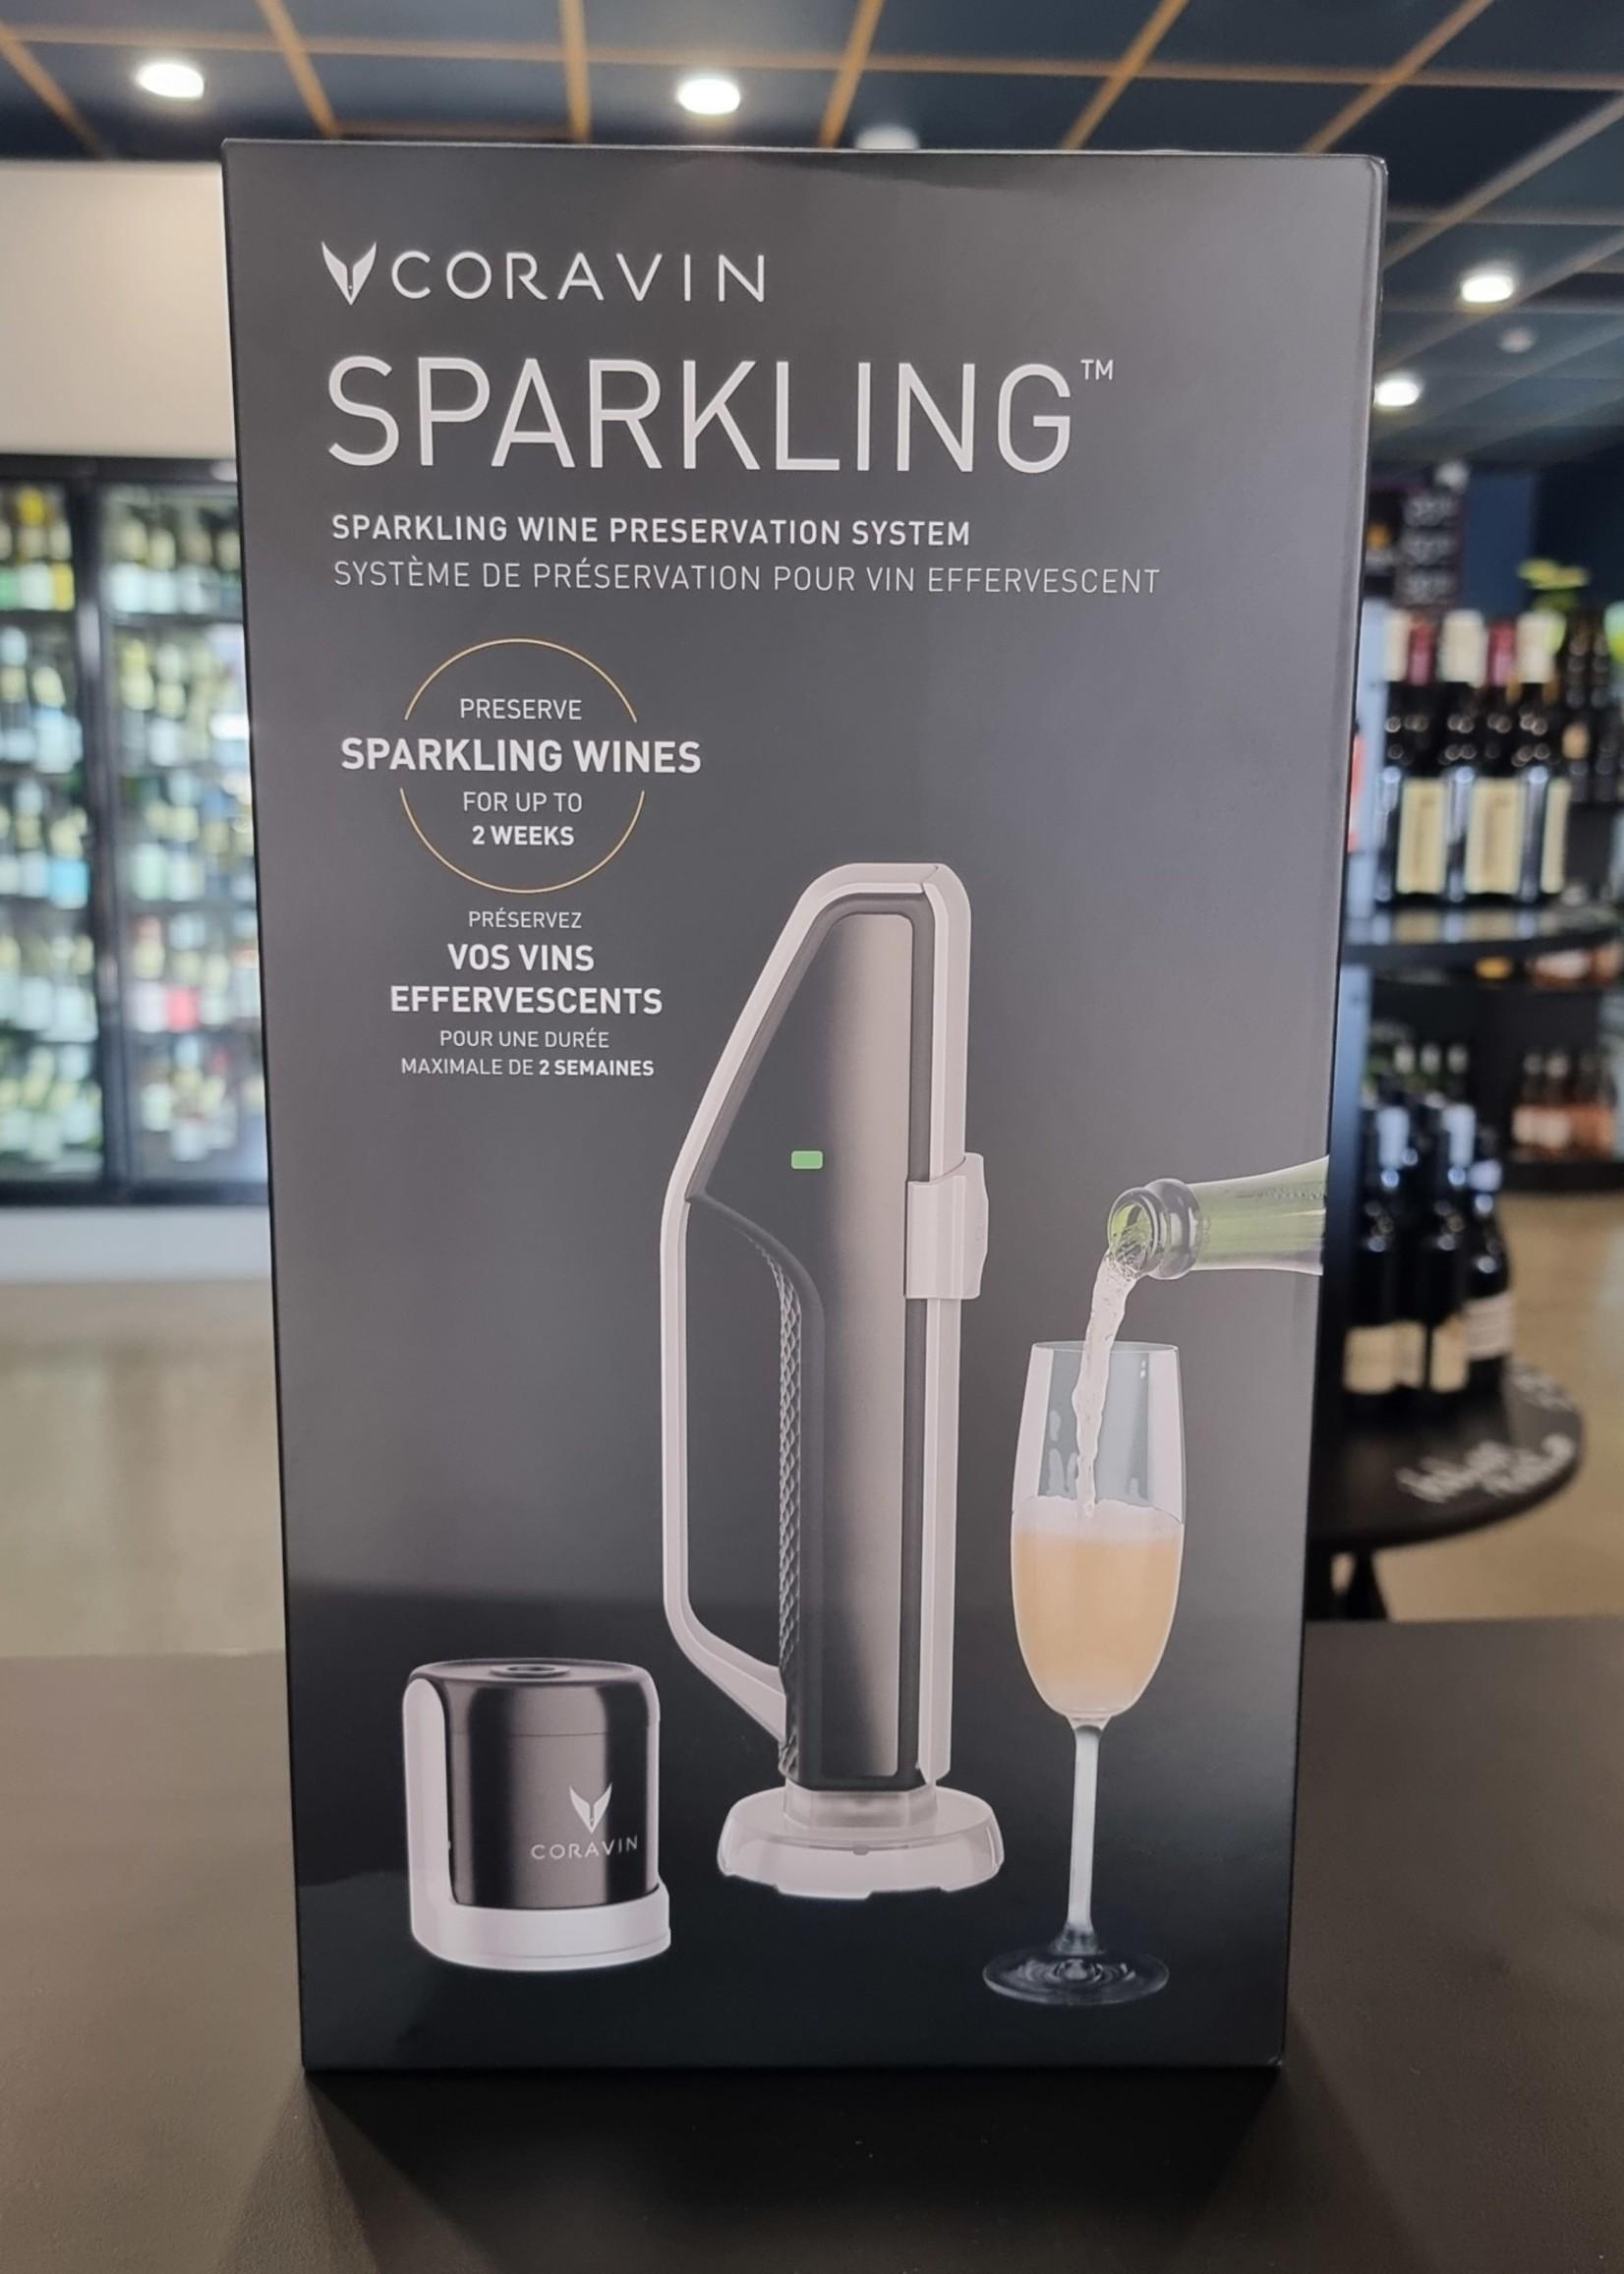 Coravin Coravin Sparkling Kit